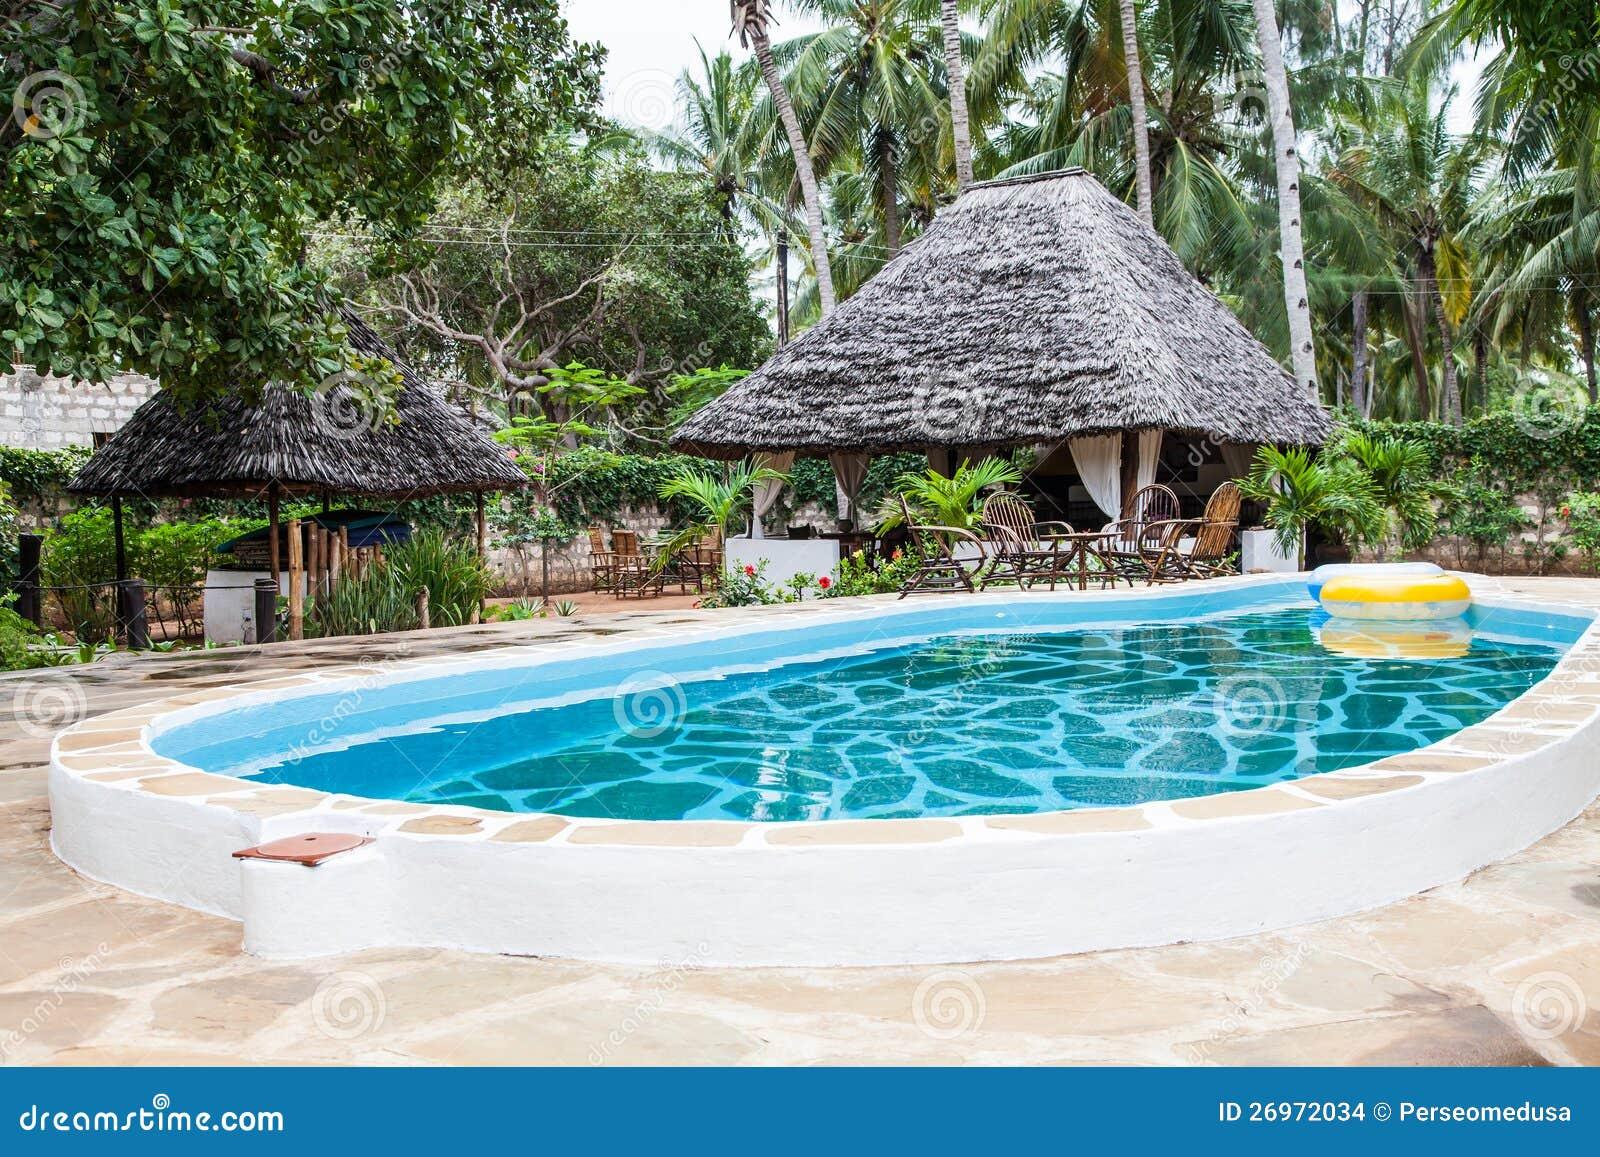 Zwembad in afrikaanse tuin stock afbeeldingen afbeelding 26972034 - Deco van de tuin ...